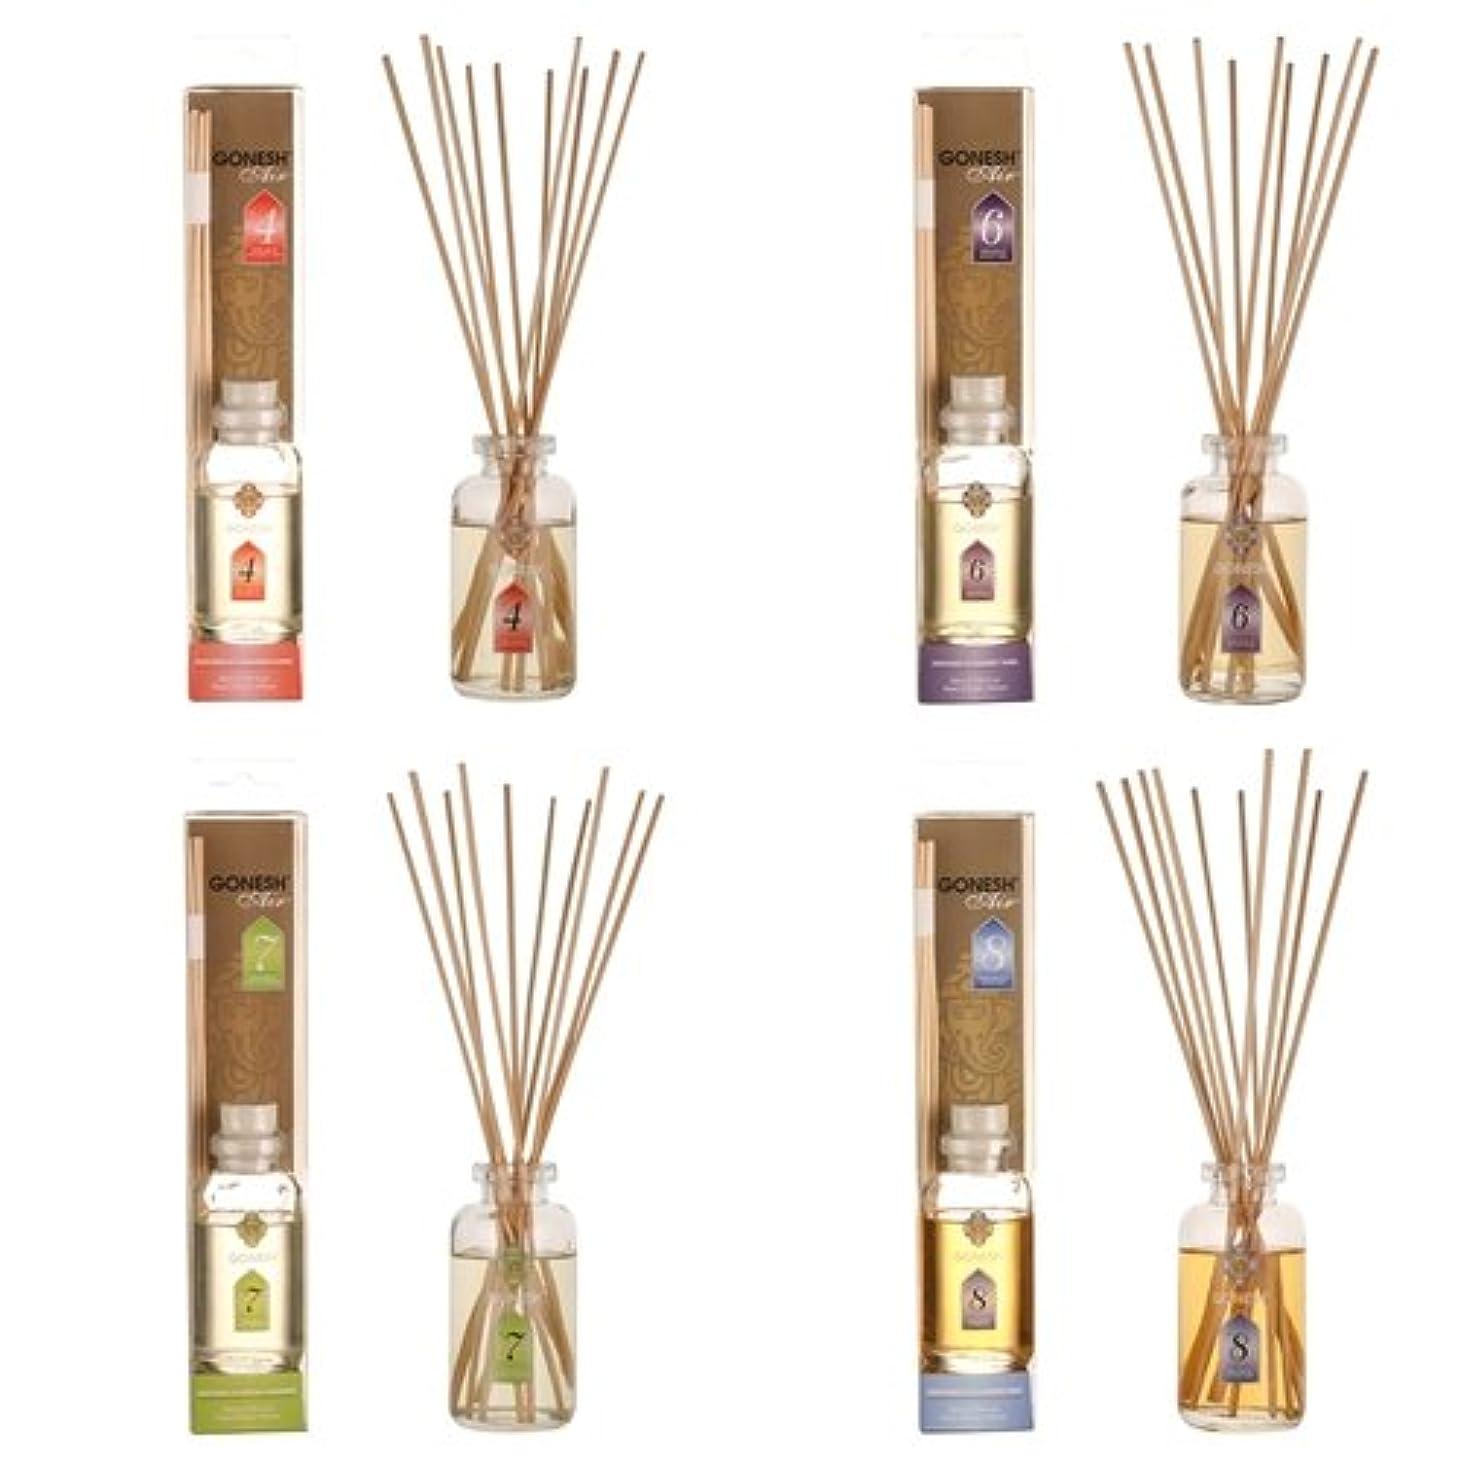 不適切な溶ける本会議ガーネッシュ GONESH リードディフューザー 4つ(No.4、No.6、No.7、No.8)の香りが楽しめる4個セット 日本国内正規品